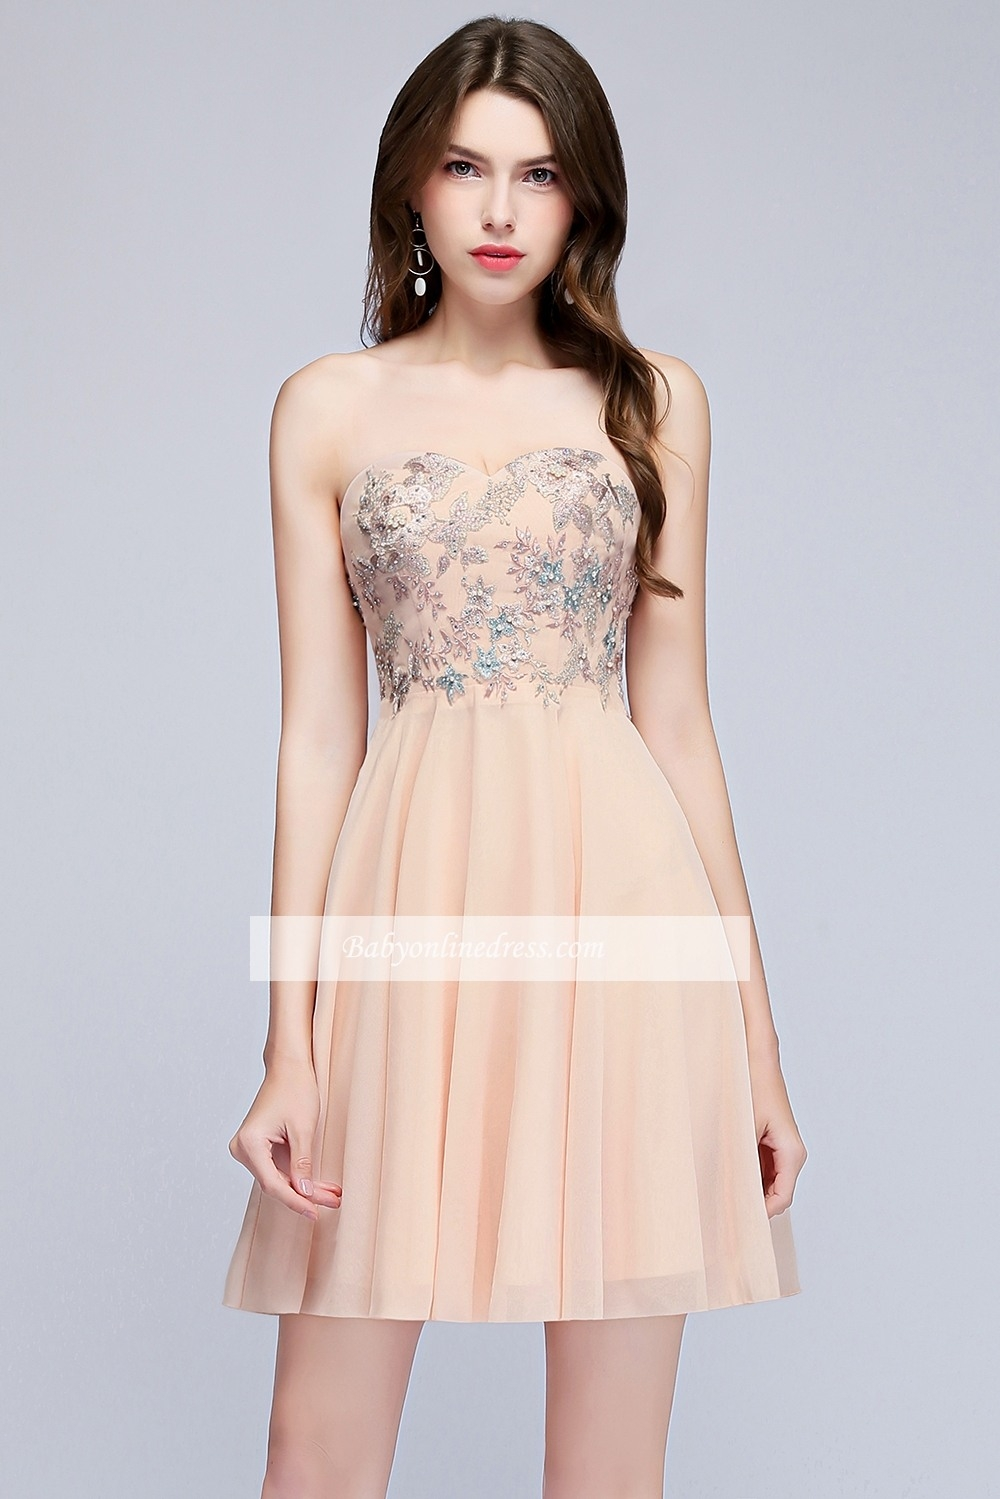 Designer Elegant Abendkleider Kurz Online Stylish15 Luxurius Abendkleider Kurz Online Vertrieb